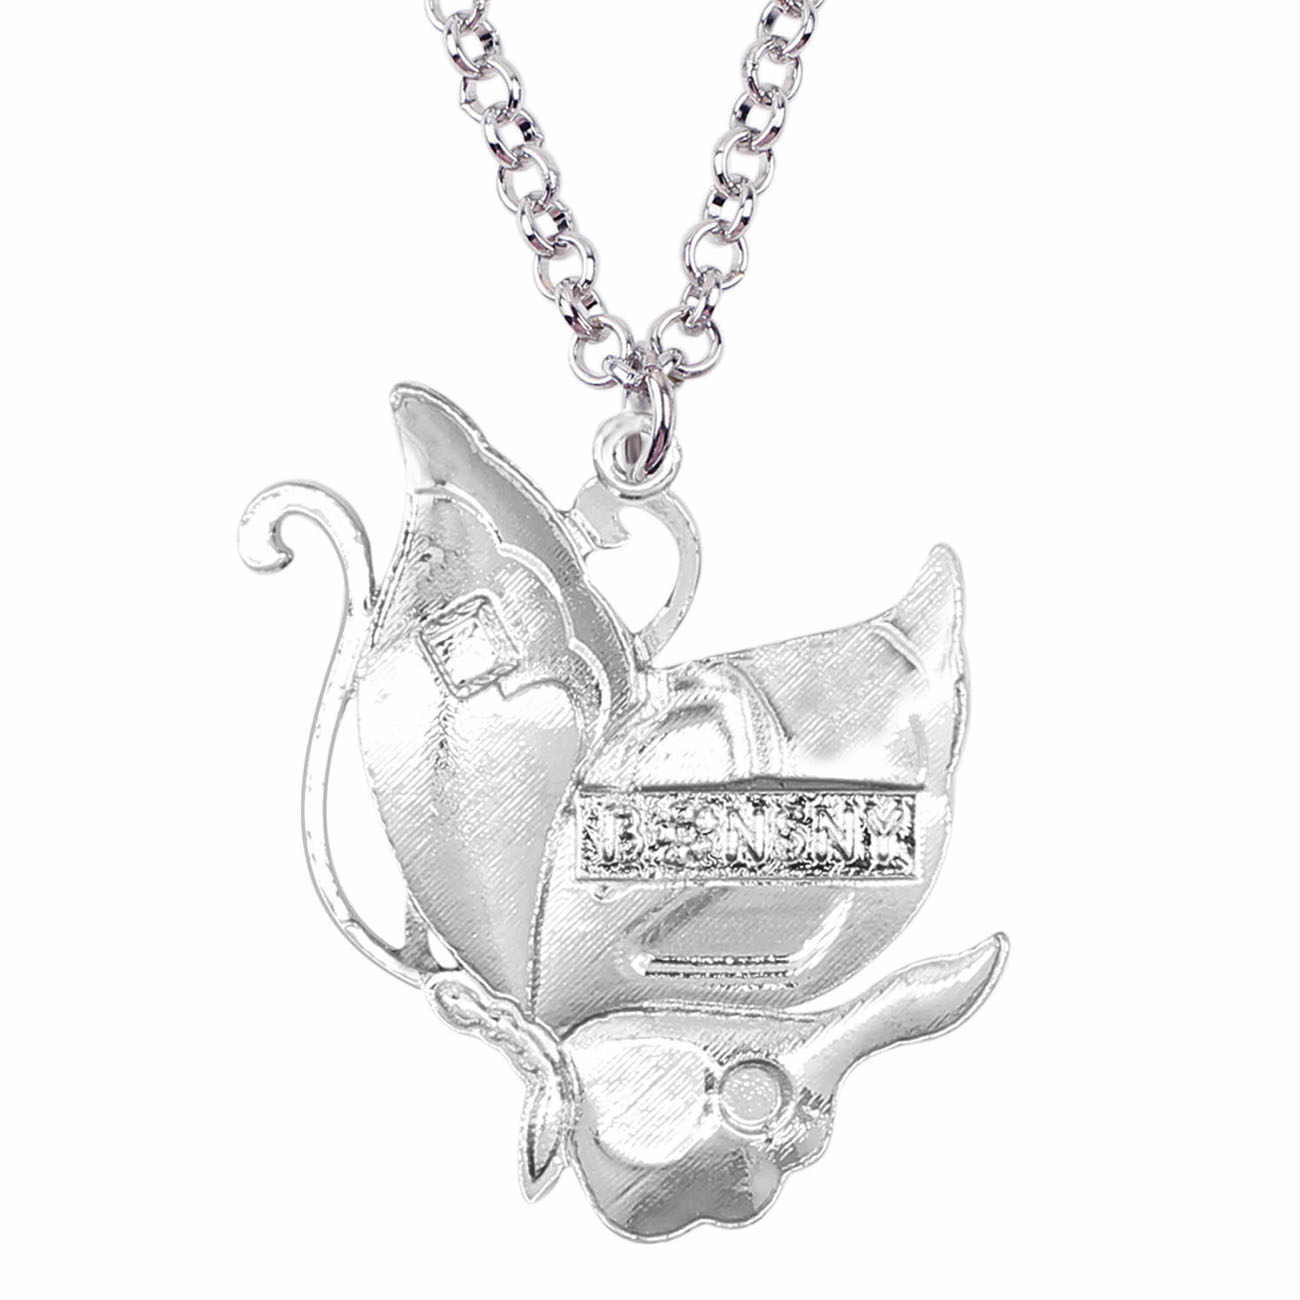 Bonsny Enamel Rhinestone ที่ไม่ซ้ำกัน Fairy ผีเสื้อจี้สร้อยคอแฟชั่นเครื่องประดับสำหรับผู้หญิงหญิงคนรักวันเกิดของขวัญ